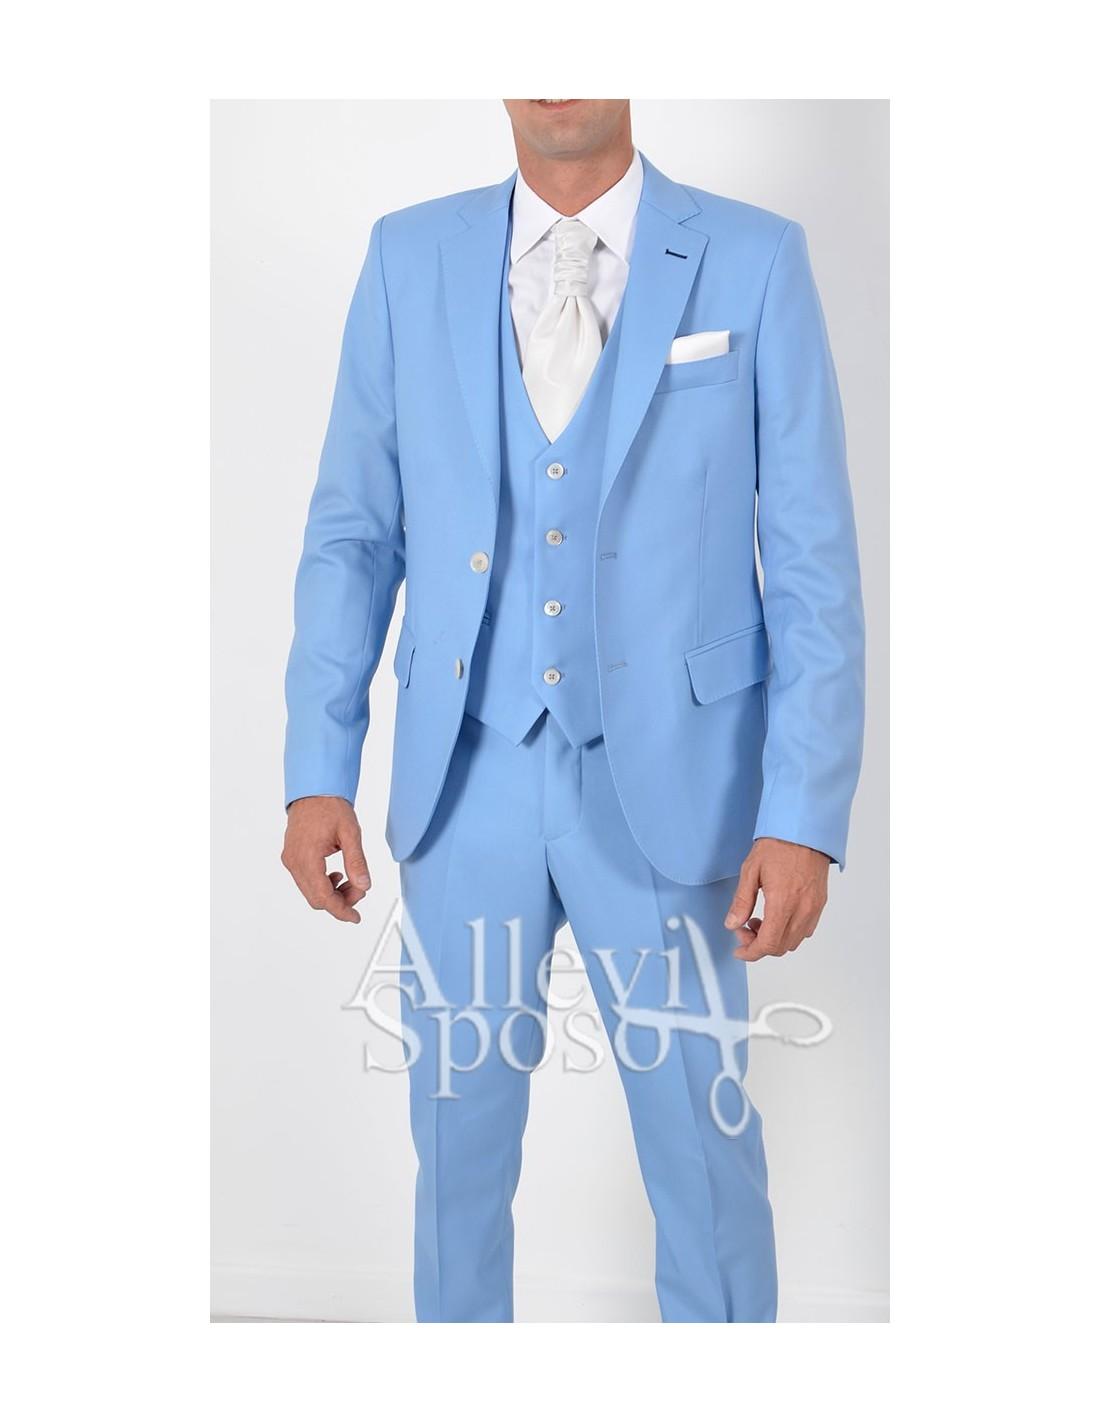 Vestito Matrimonio Uomo Azzurro : Abito azzurro sposo vestito cerimonia chiaro